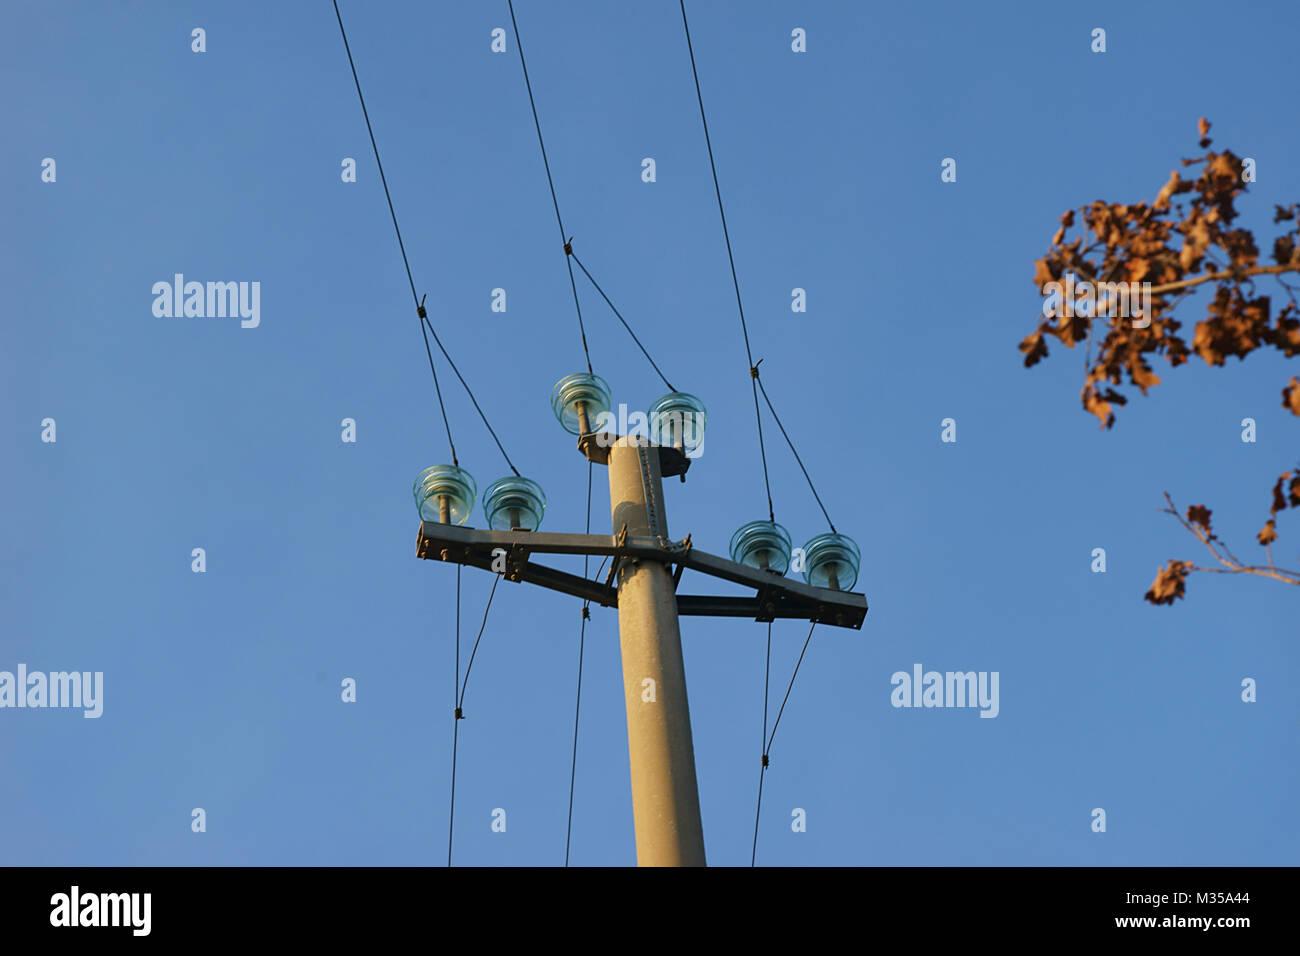 telephon pole - Stock Image